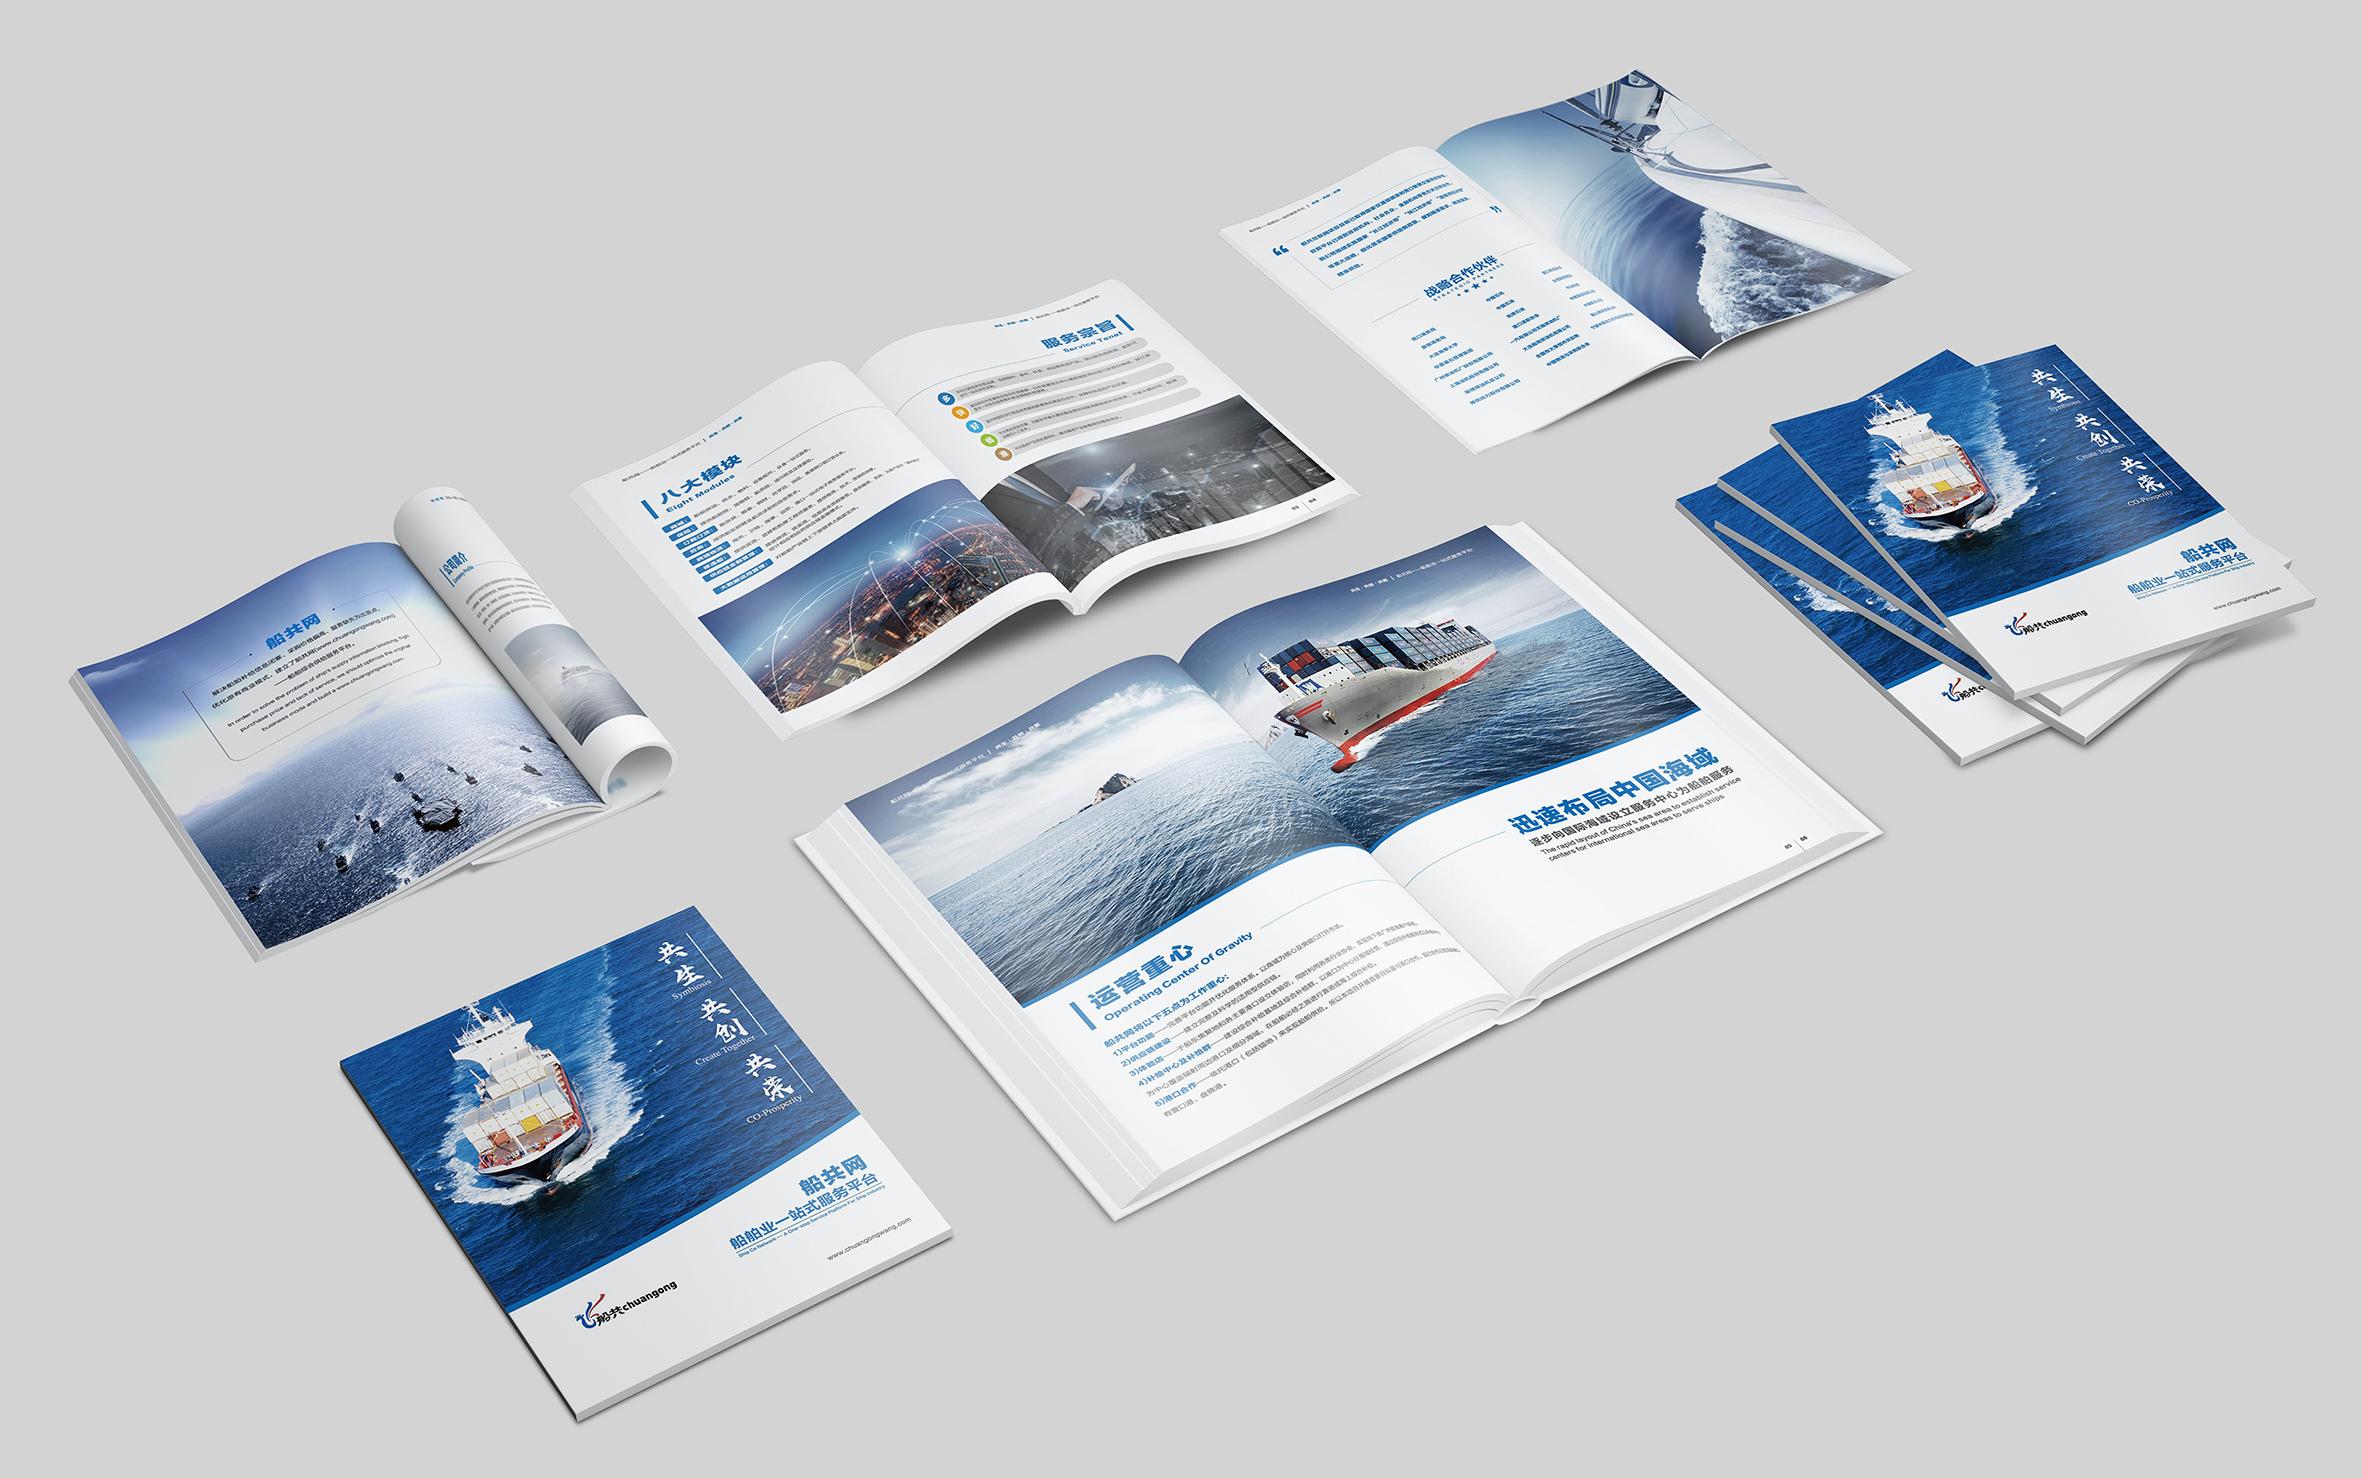 扁平企业培训个人总结介绍分析毕业答辩报告计划画册PPT设计